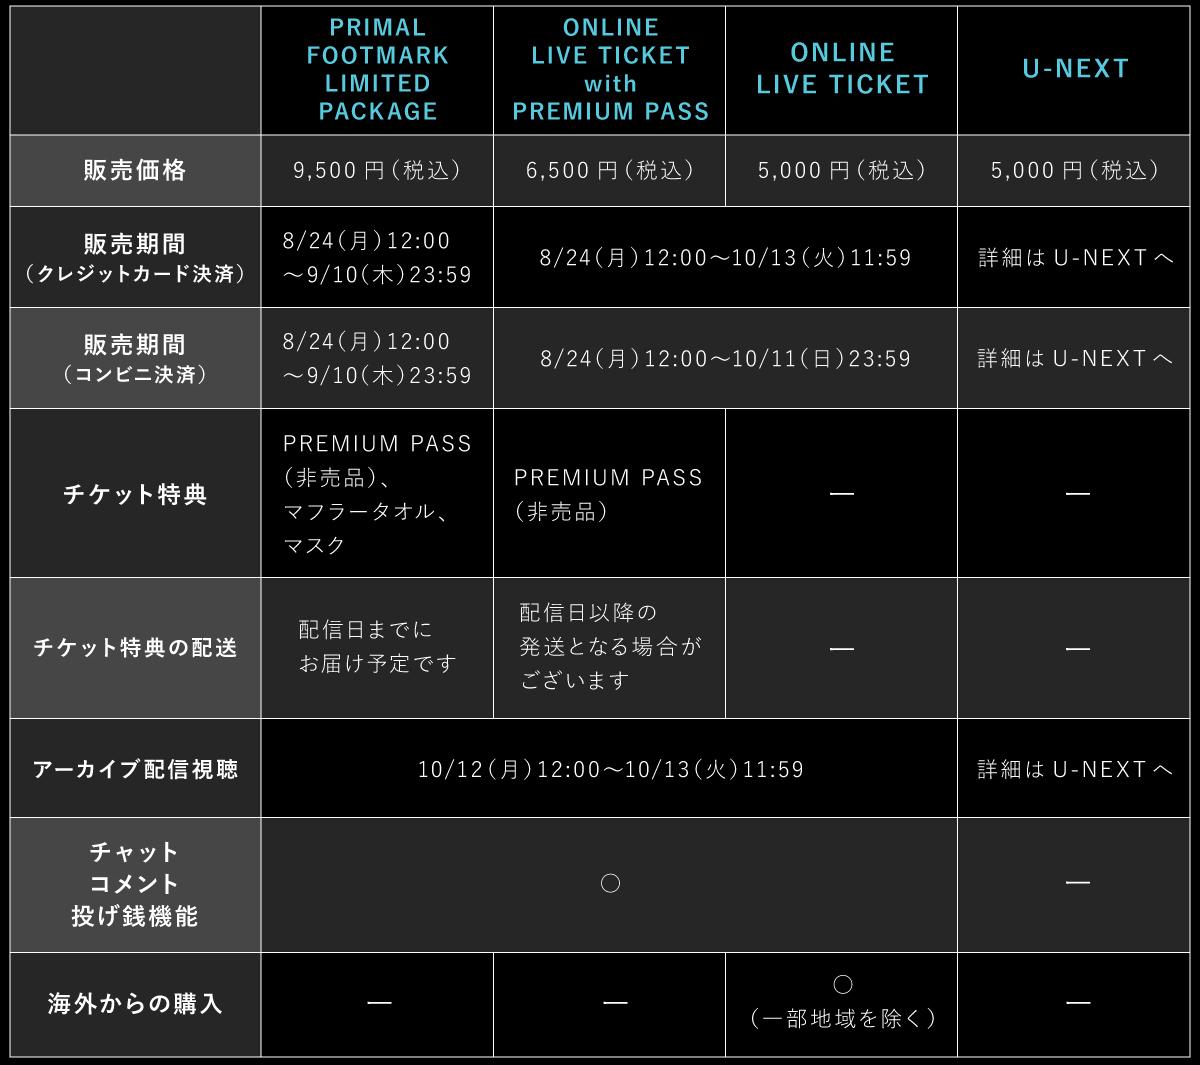 ワンオク スタジアム オンラインライブ「FIELD OF WONDER」2020 詳細【ONE OK ROCK】ファンブログ